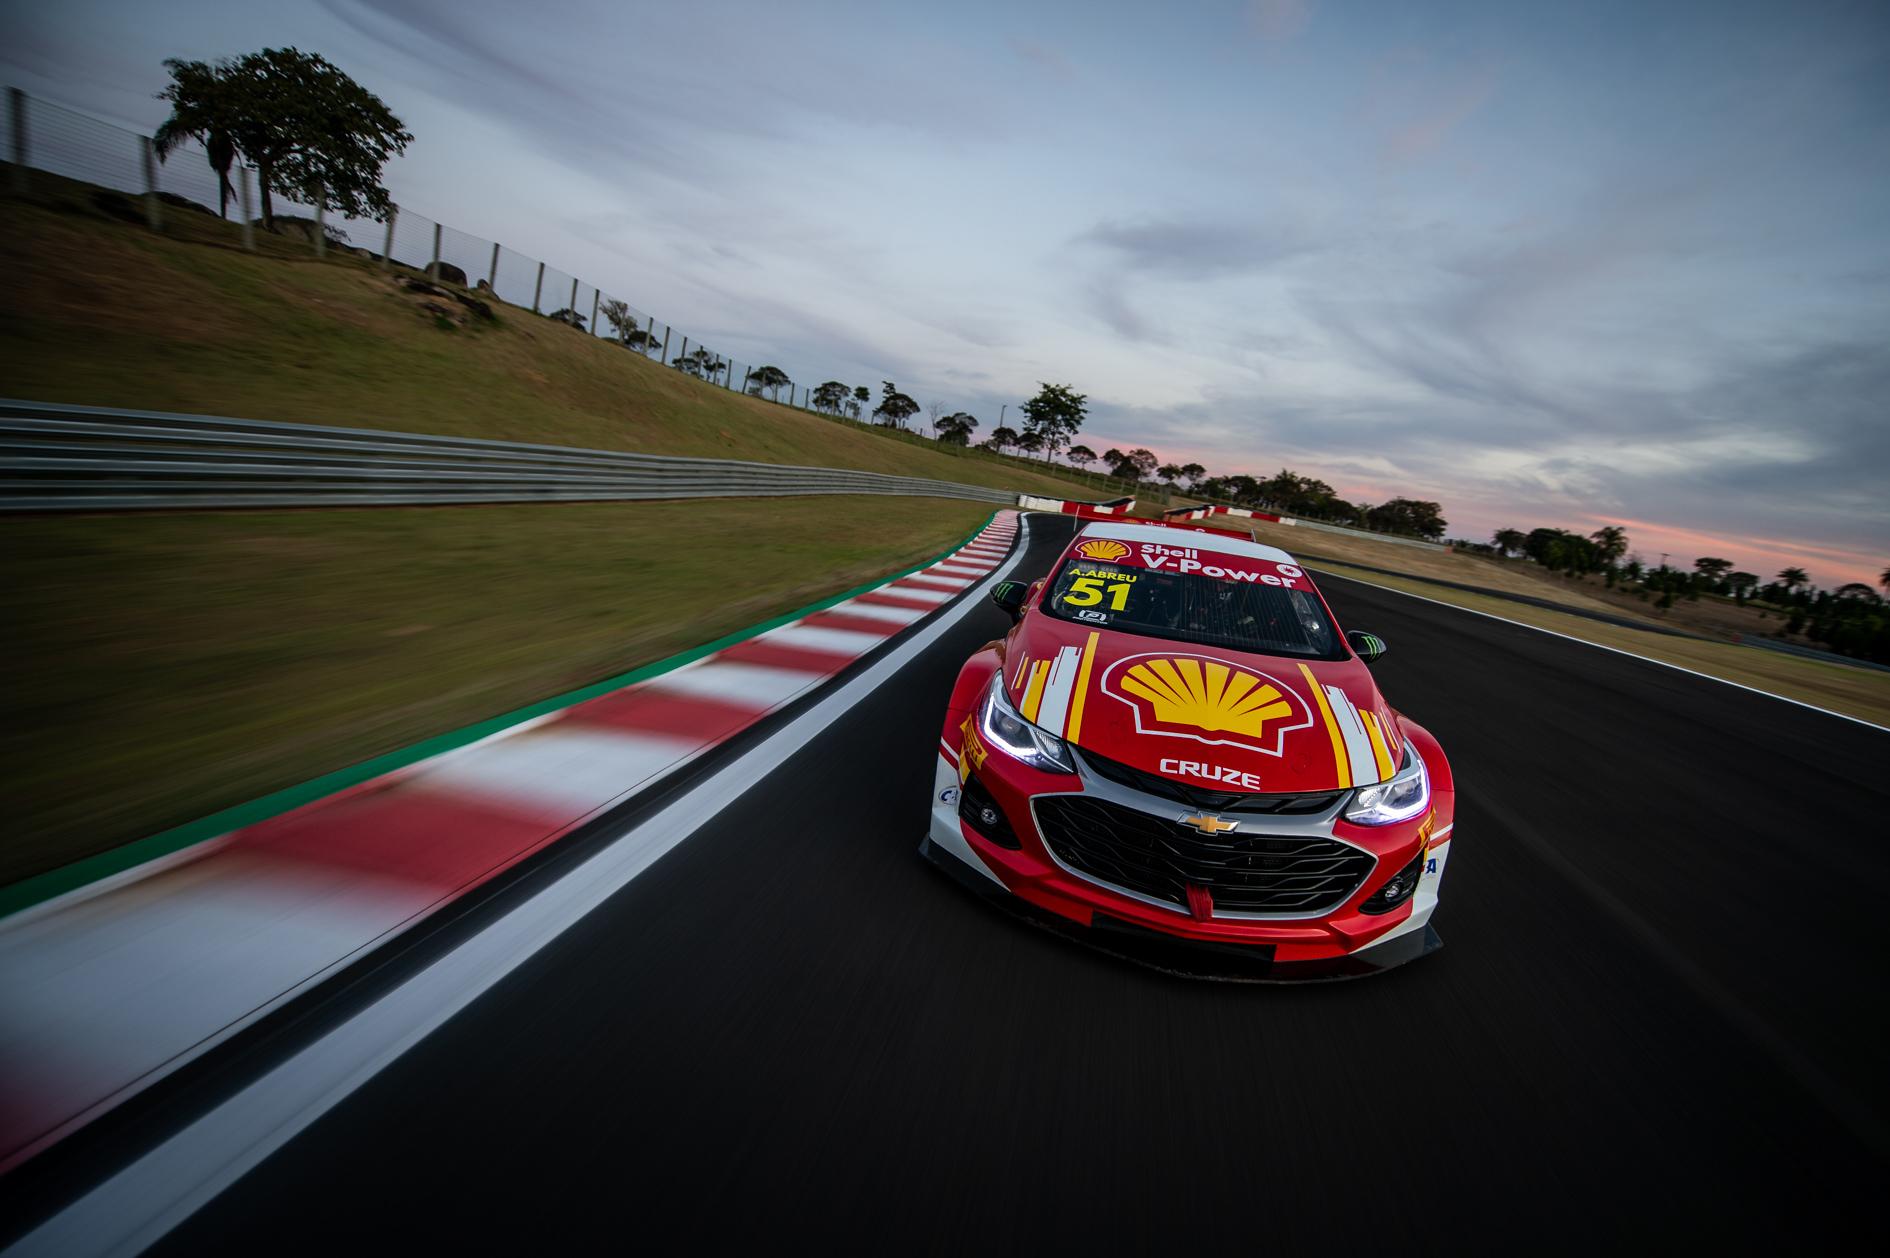 E Stock Car Racing Campeonato Virtual Da Stock Car Comeca Sua Disputa Nesta Quarta No Velocitta Velocidade No Sangue